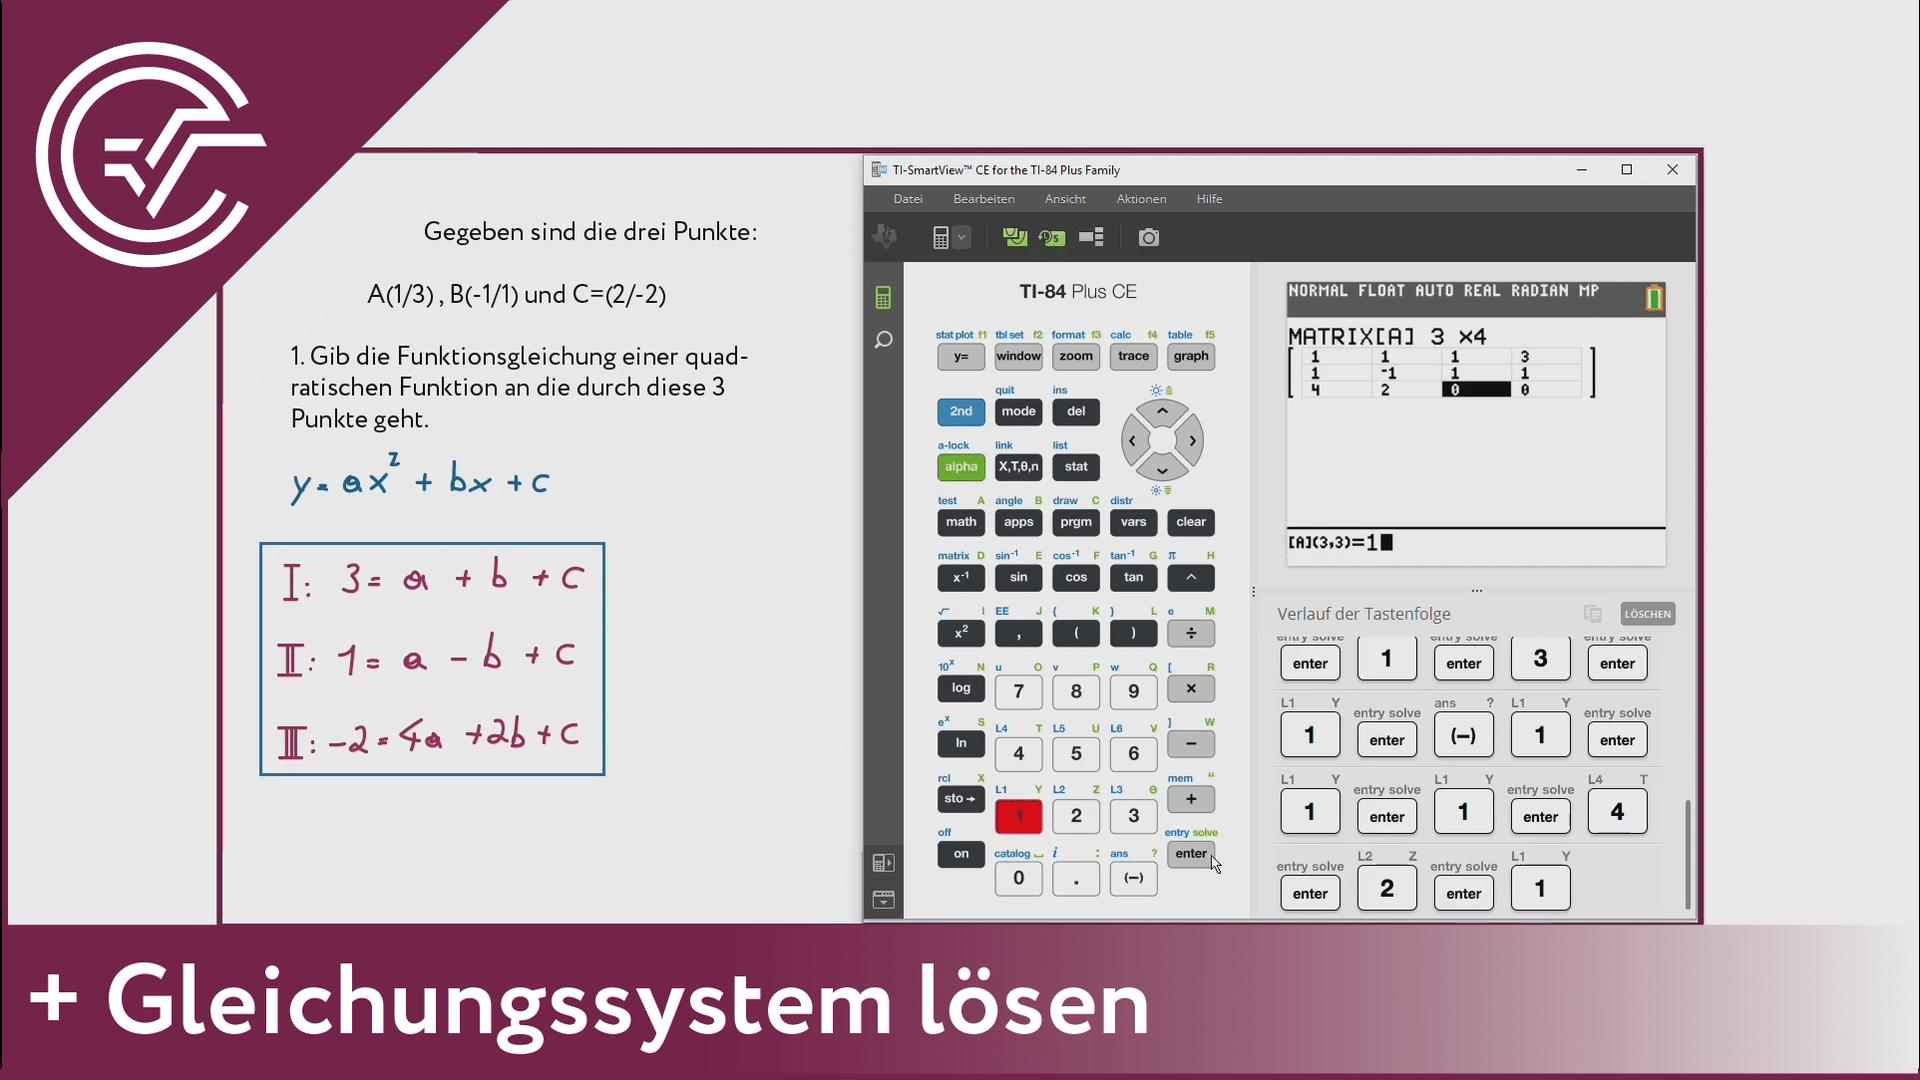 6. Gleichungssysteme lösen [TI-84/83/82]